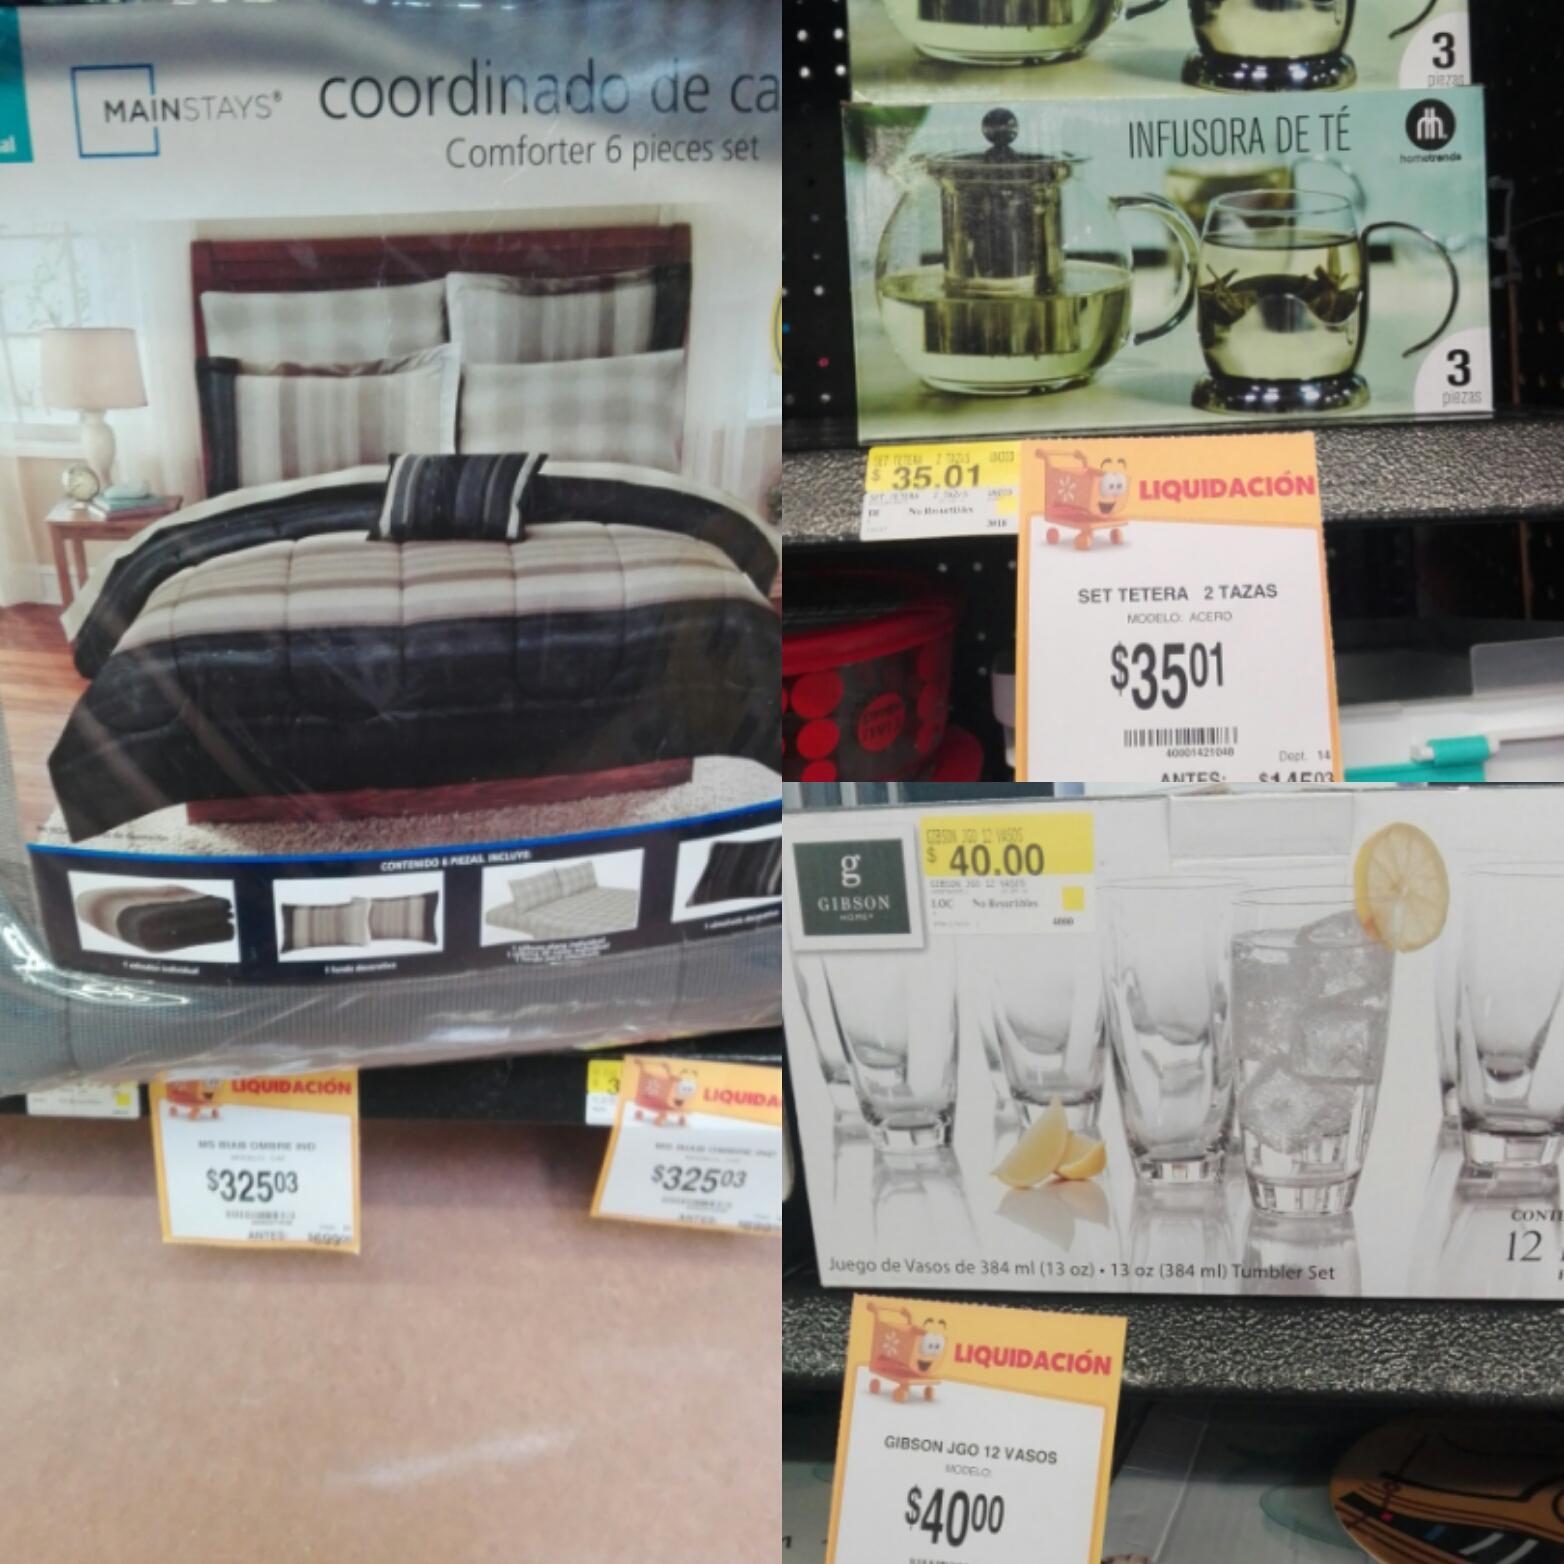 Walmart Oriente Tuxtla Gutierrez: juego de té $35 y más...